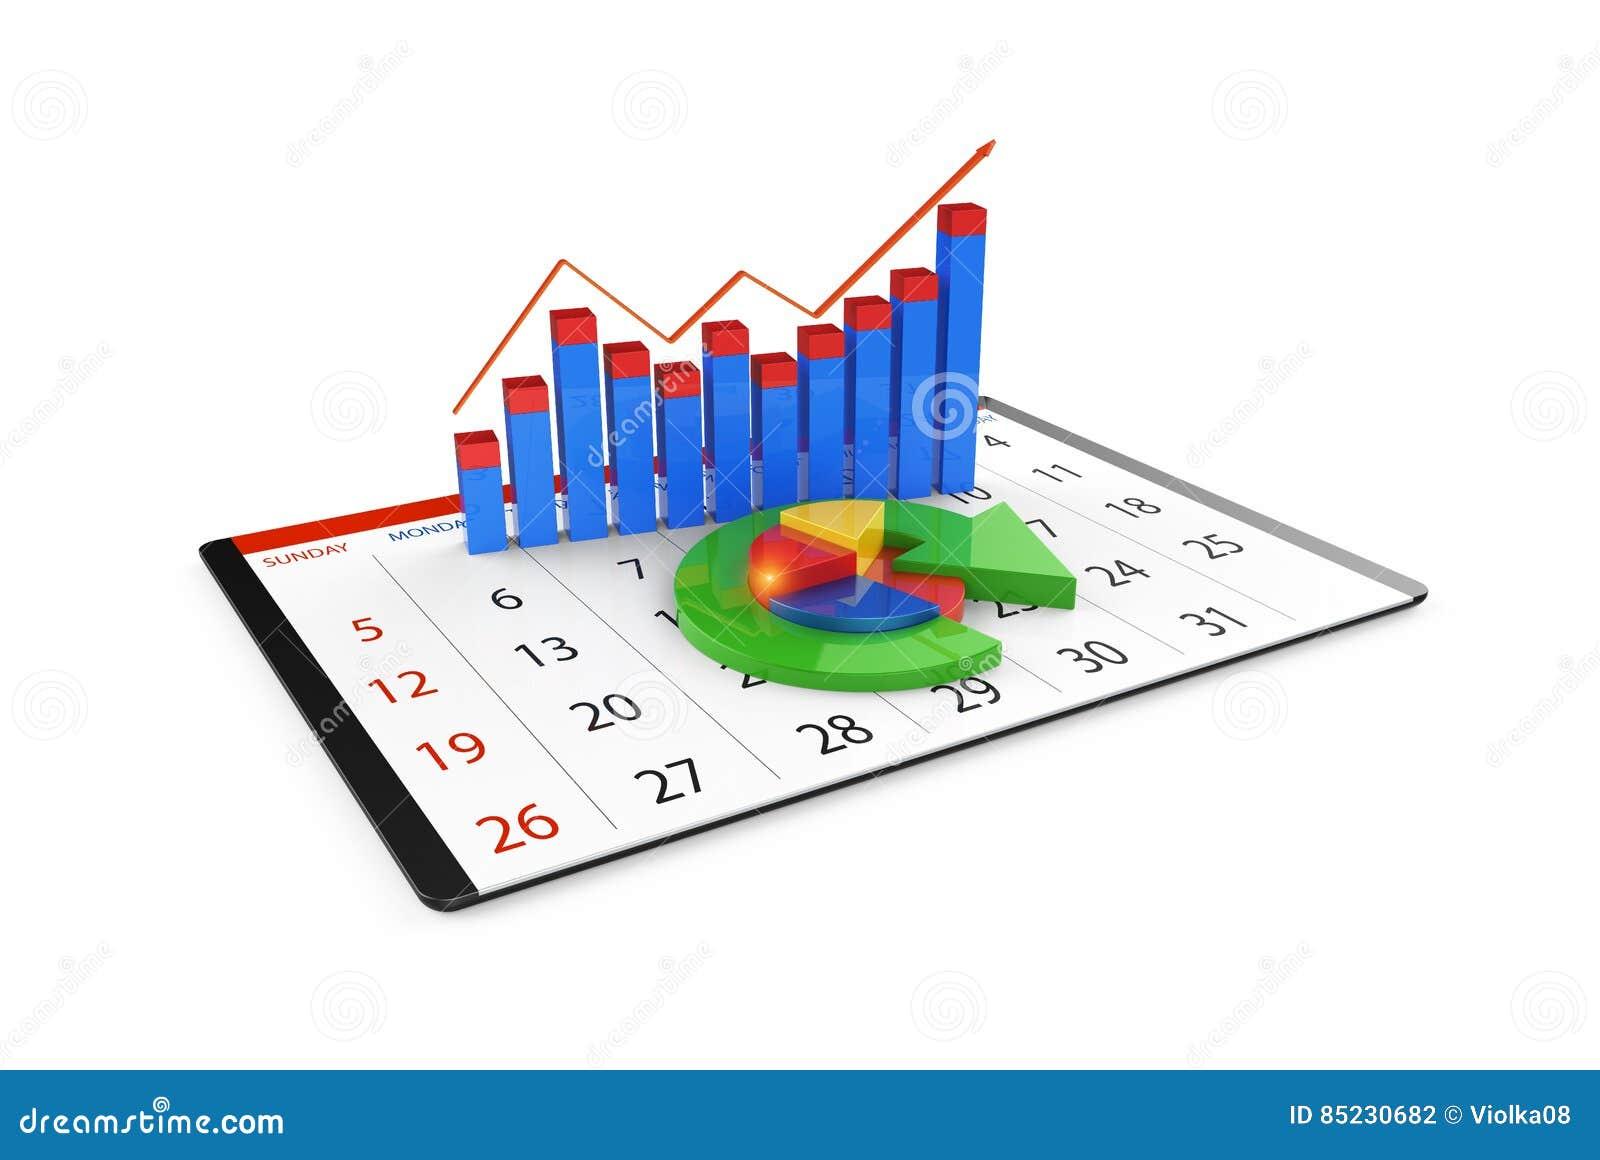 Analyse van financiële gegevens in grafieken - modern grafisch overzicht van statistieken